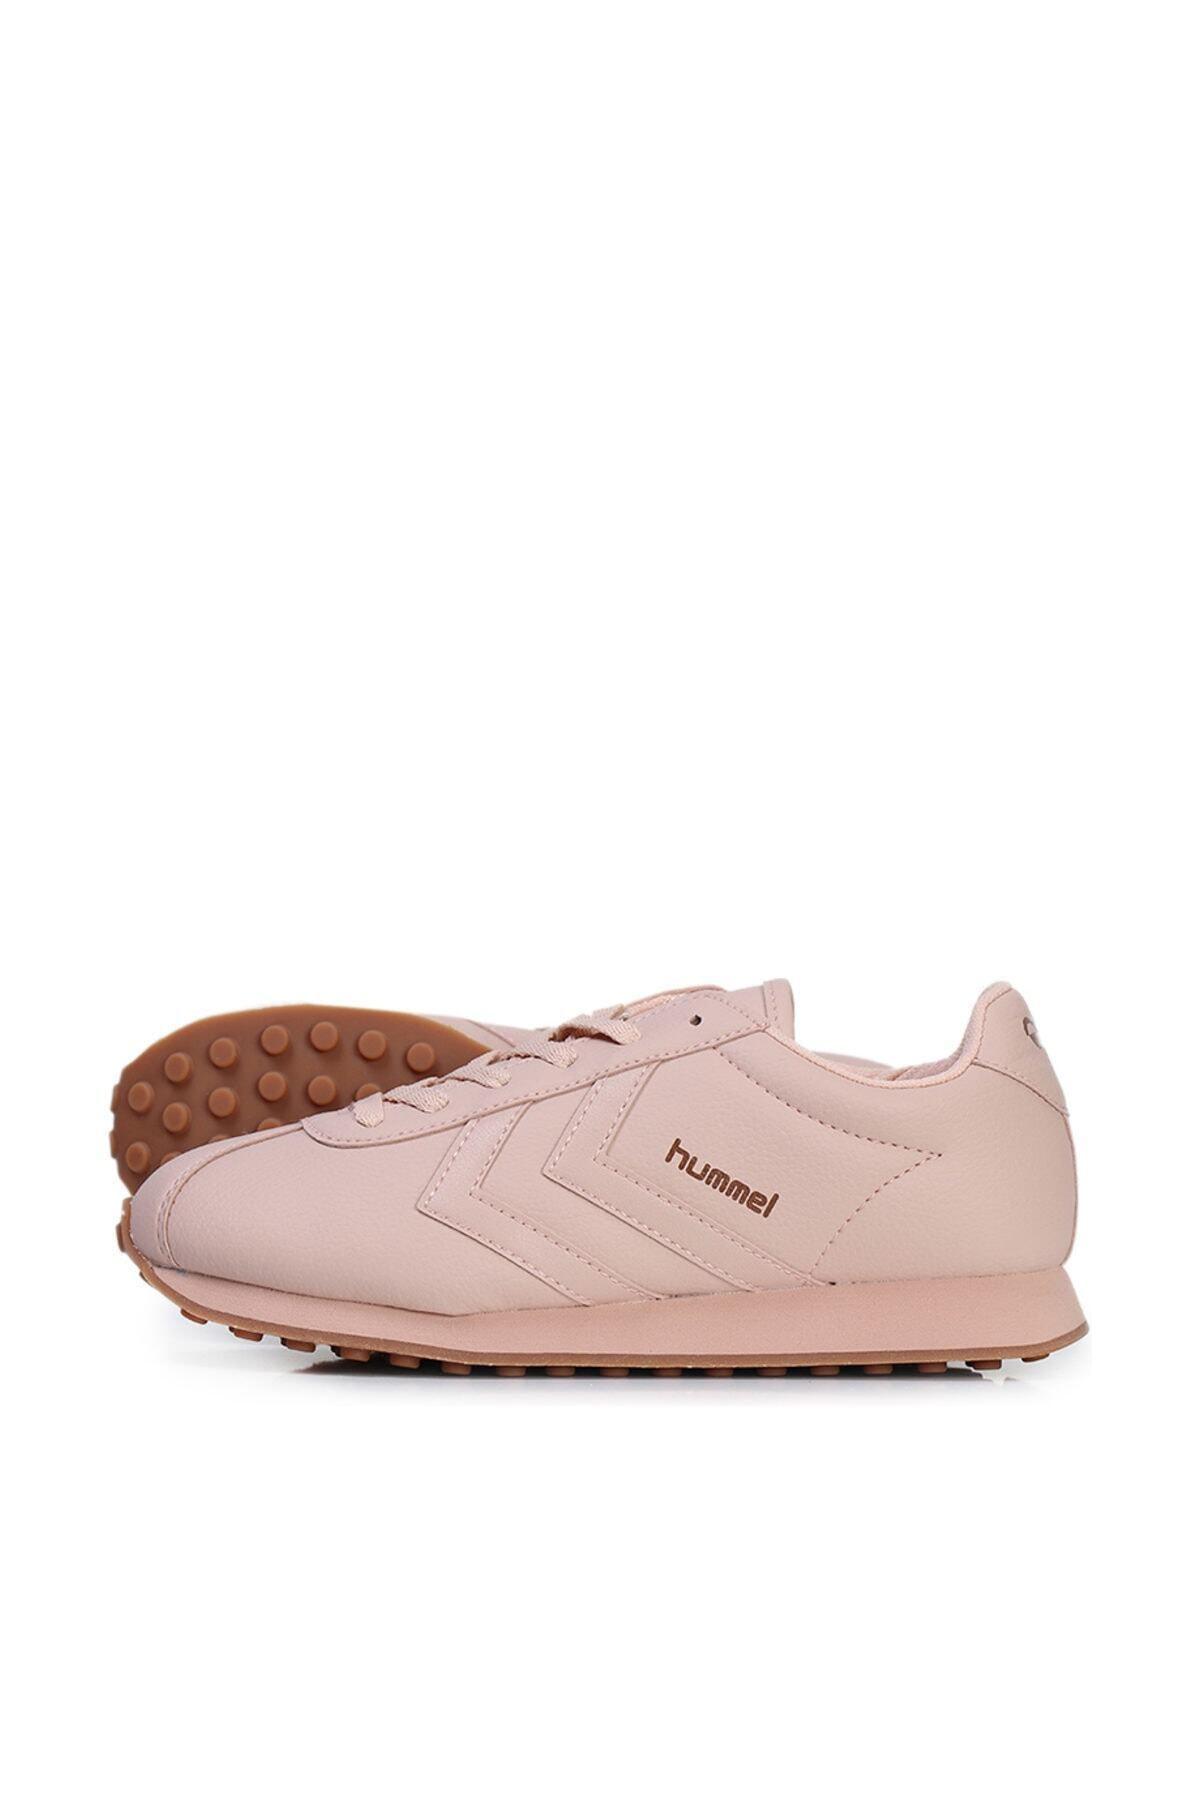 HUMMEL Ray Pembe Kadın Koşu Ayakkabısı 100351998 1